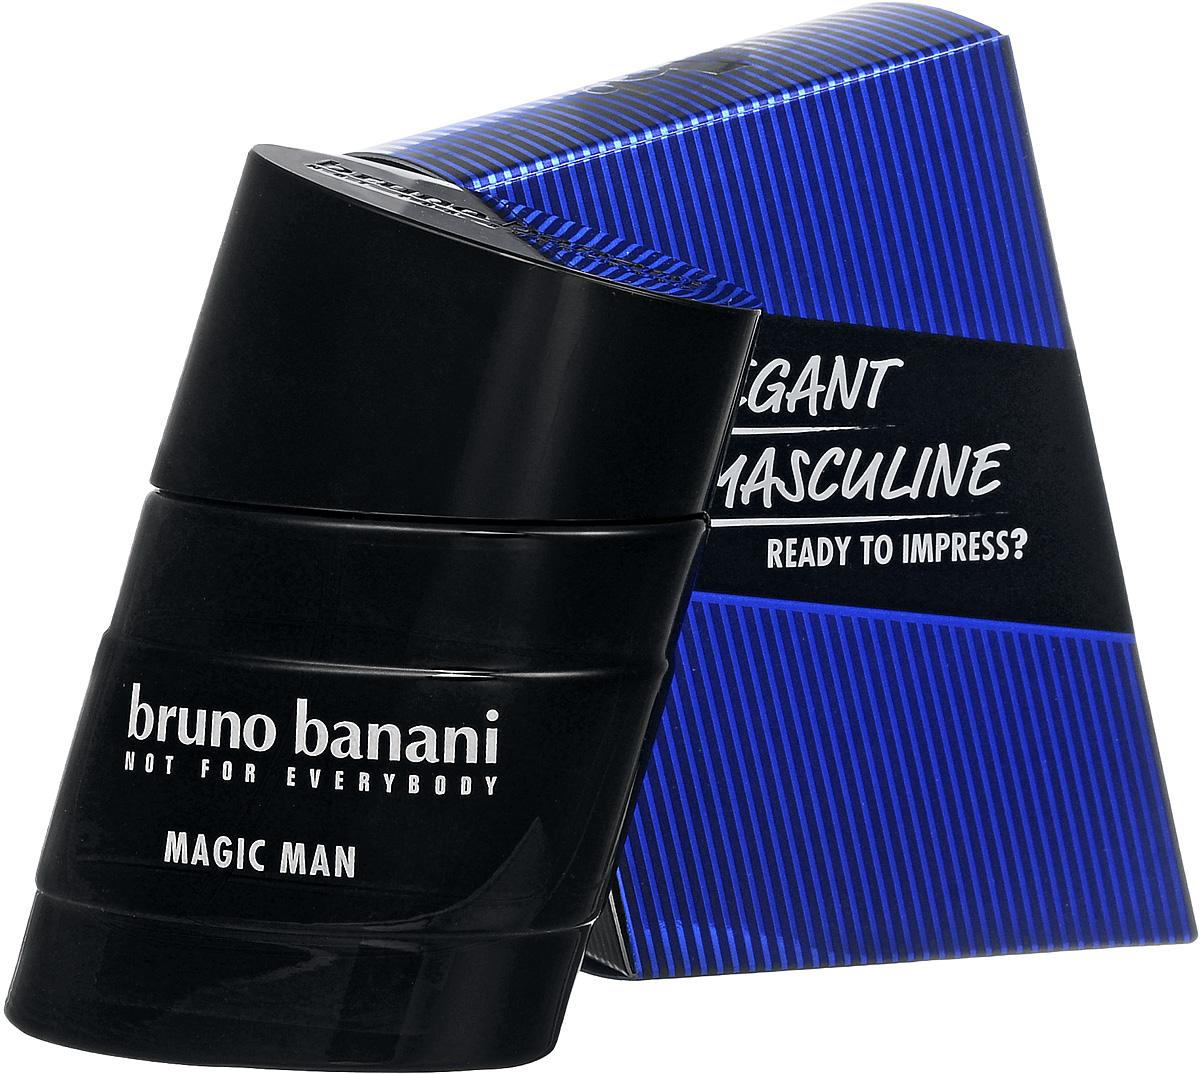 Bruno Banani Magic Man Туалетная вода 30 мл (новая упаковка)4SL-Ph-m-85Magic Man – новый мужской аромат от популярного немецкого дома моды Bruno Banani, известного своей экологически чистой продукцией. Аромат создан в 2008 году. Относится к группе ароматов древесные пряные. Аромат Magic Man Bruno Banani – это волшебное зелье, некая невидимая магическая материя, окутывающая кожу и притягивающая женские сердца своим природным запахом. Композиция аромата начинается нотами специй, джина и кардамона из Гватемалы, плавно растворяясь в нотах сердца: цикламене, какао и бархотке. К концу дня вы ощутите на своей коже устойчивый шлейф из нот пачули и амбры.Верхняя нота: Джин.Средняя нота: Бархатцы, Цикламен, Какао.Шлейф: Амбра, Пачули.Теплое древесное сердце аромата, яркий аккорд джина и неповторимый ладан.Дневной и вечерний аромат.